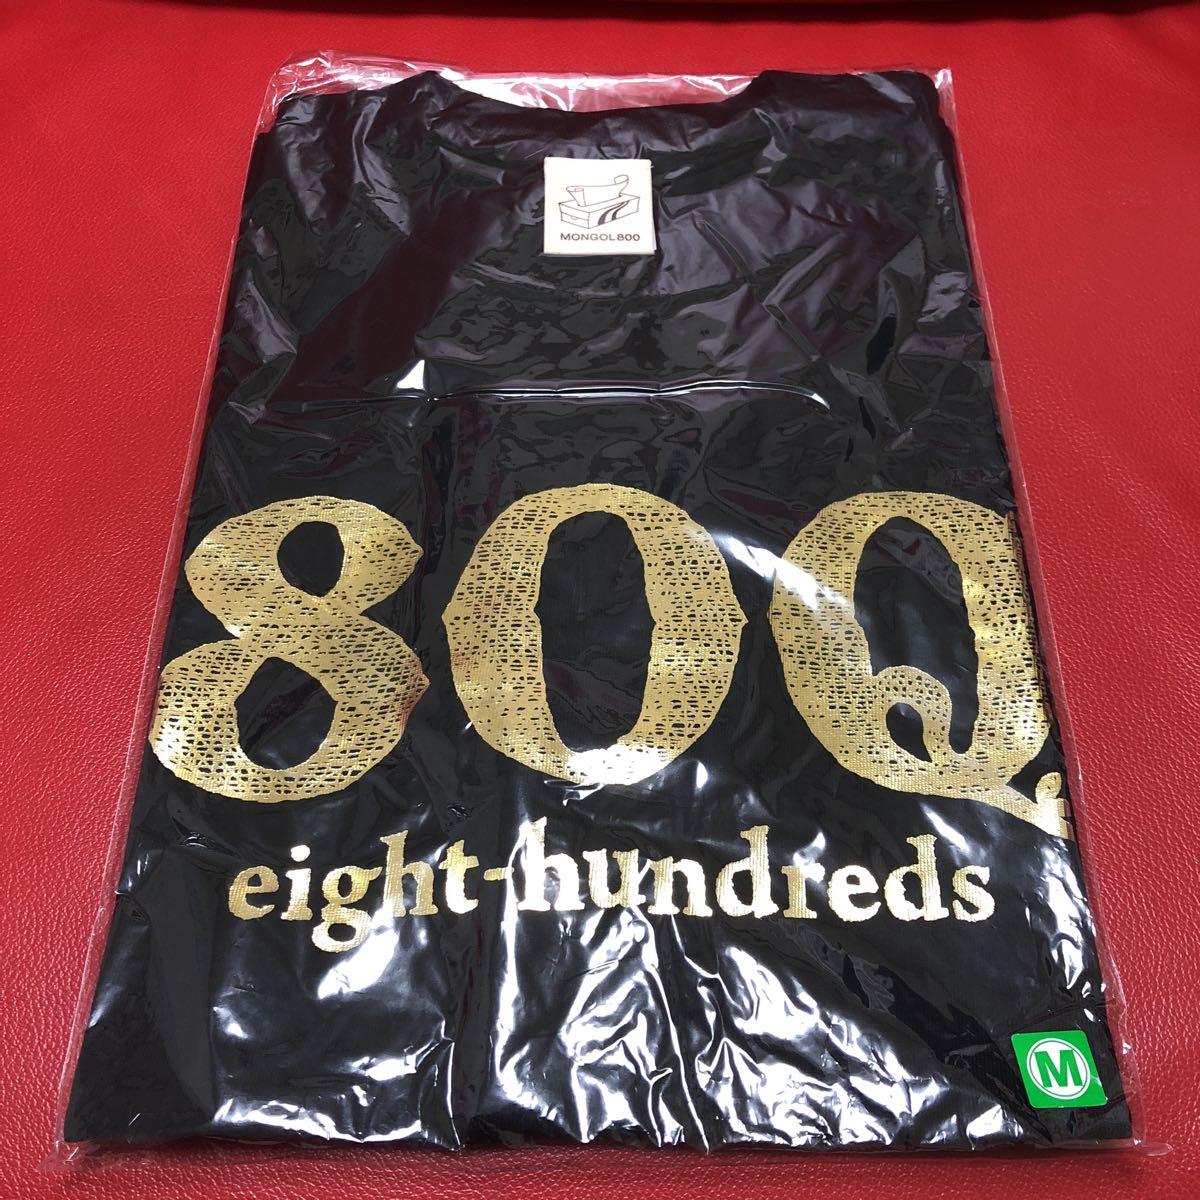 MONGOL 800 Tシャツ 新品未開封品 Mサイズ モンパチ モンゴル800 武道館_画像1